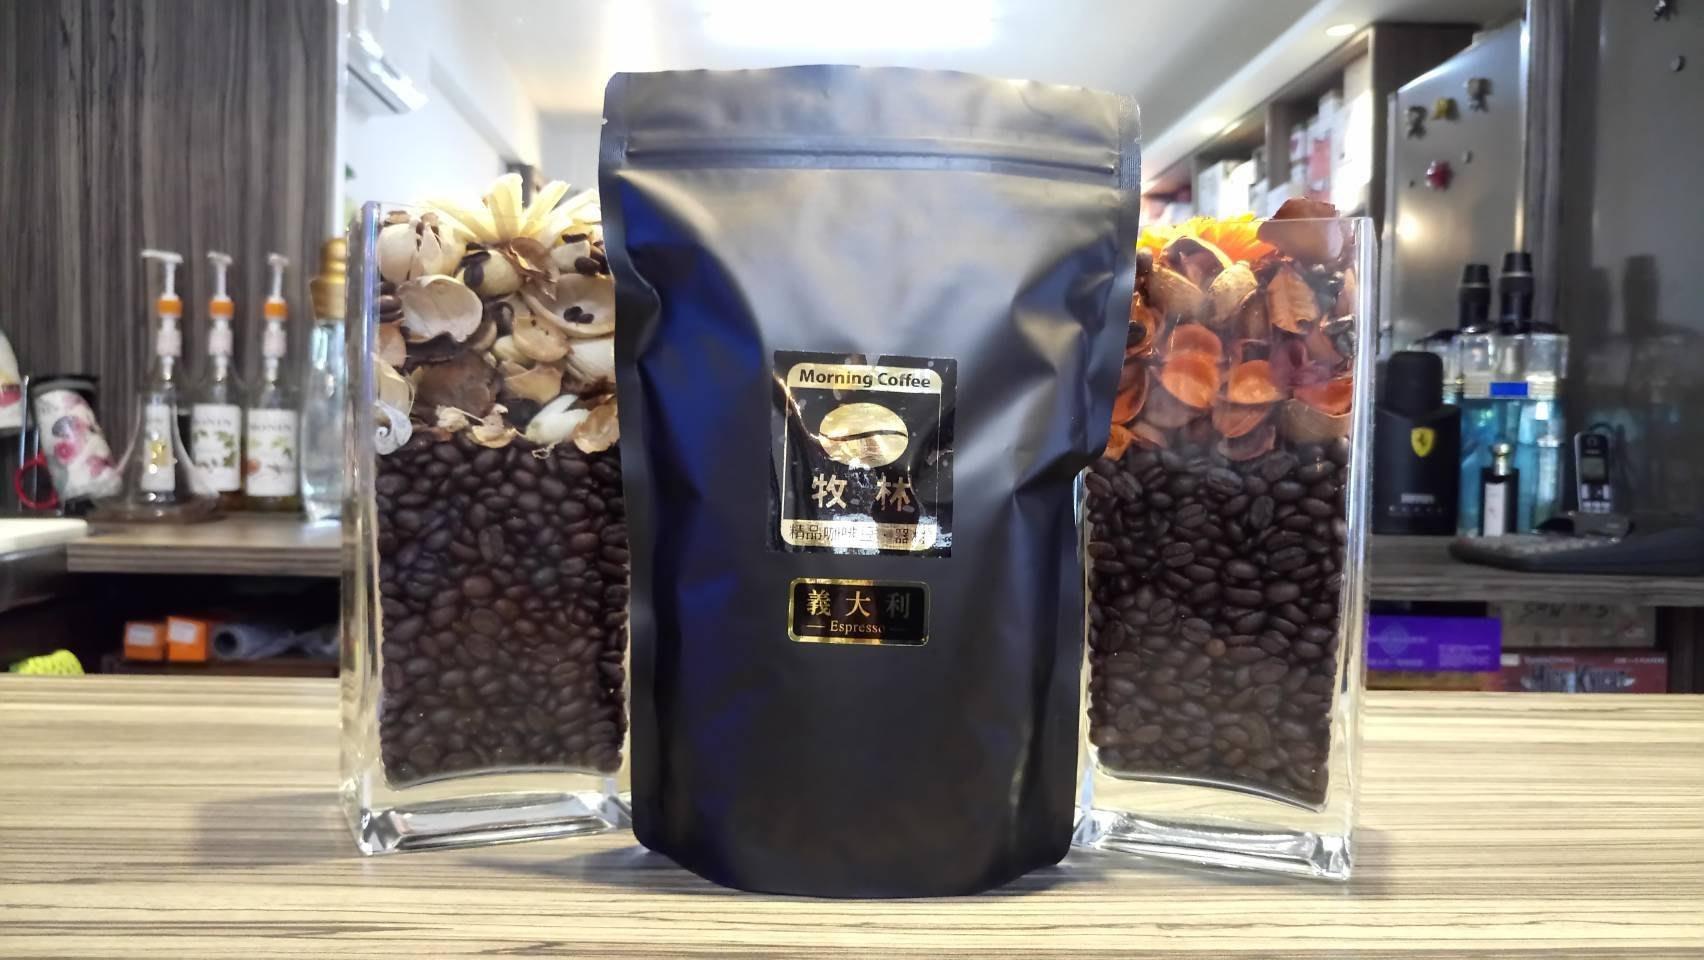 義大利咖啡豆 接單烘培  義大利綜合咖啡豆 世界各地